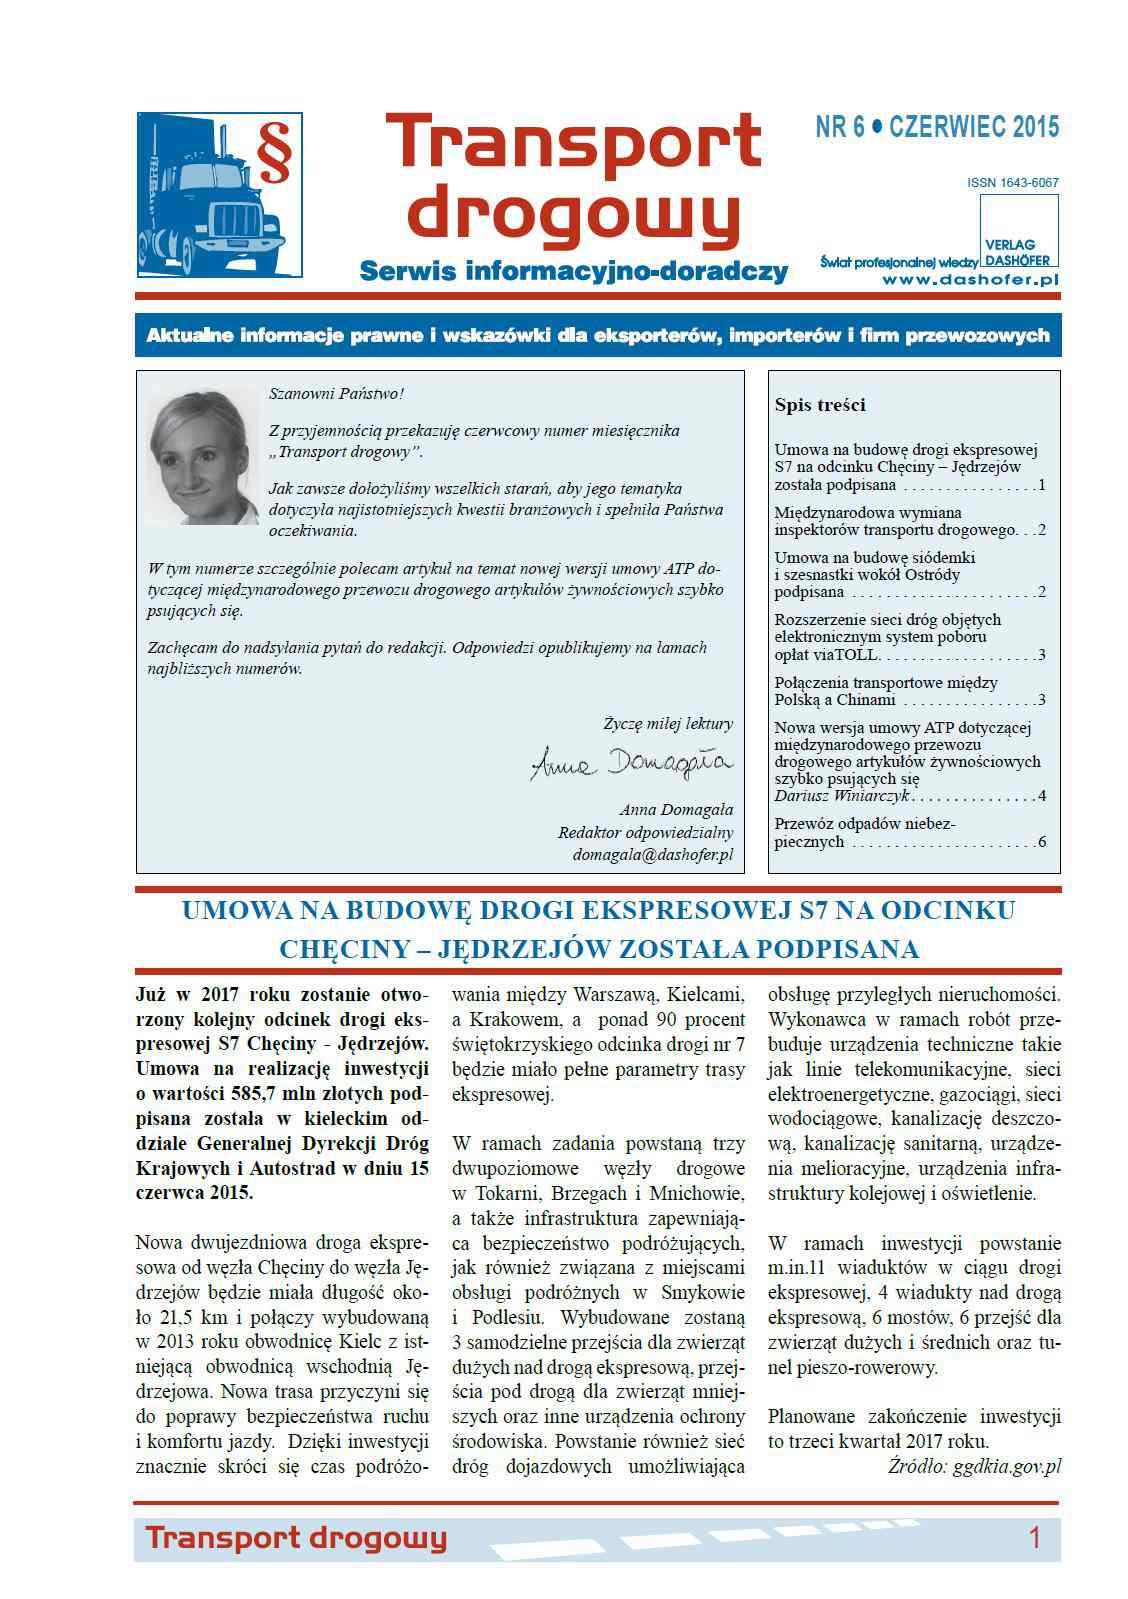 Transport drogowy. Aktualne informacje prawne i wskazówki dla eksporterów, importerów i firm przewozowych. Nr 6/2015 - Ebook (Książka PDF) do pobrania w formacie PDF